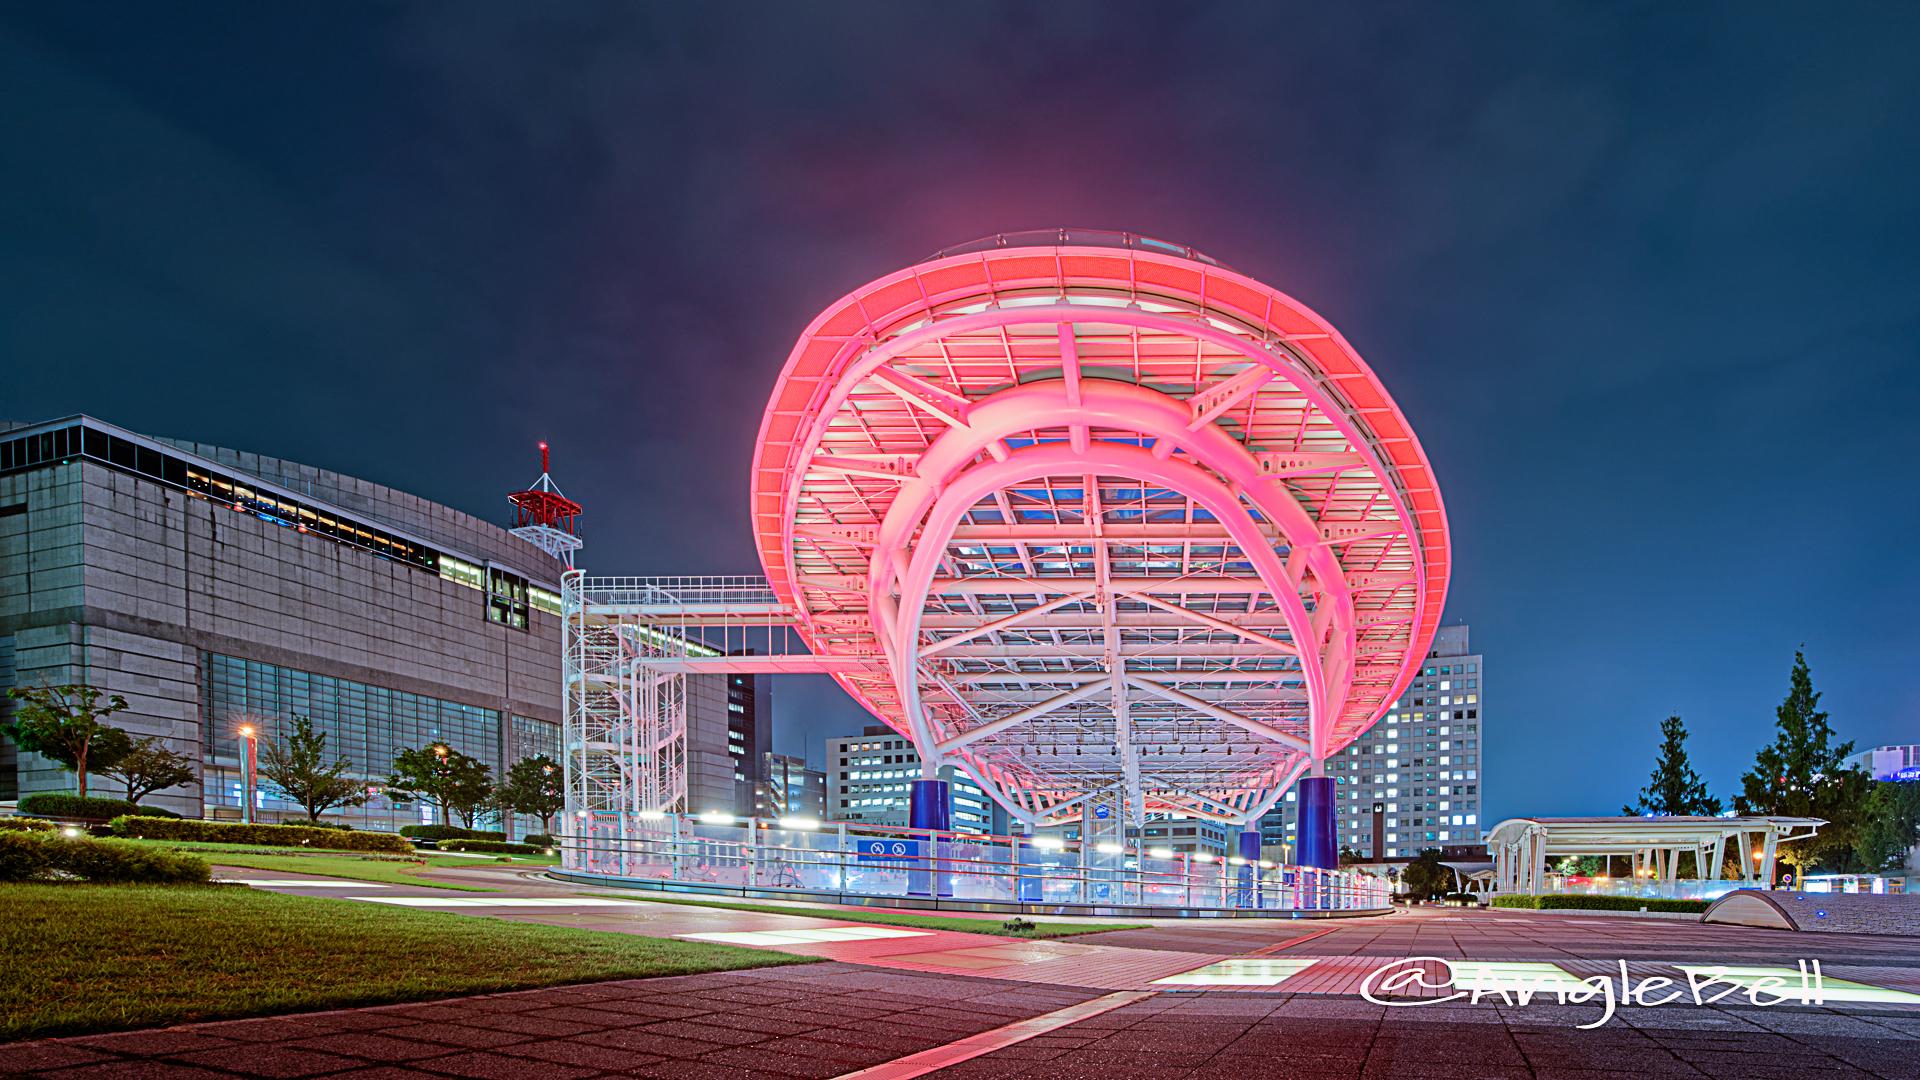 オアシス21 (レッドライトアップ)と愛知県芸術劇場 August 2020